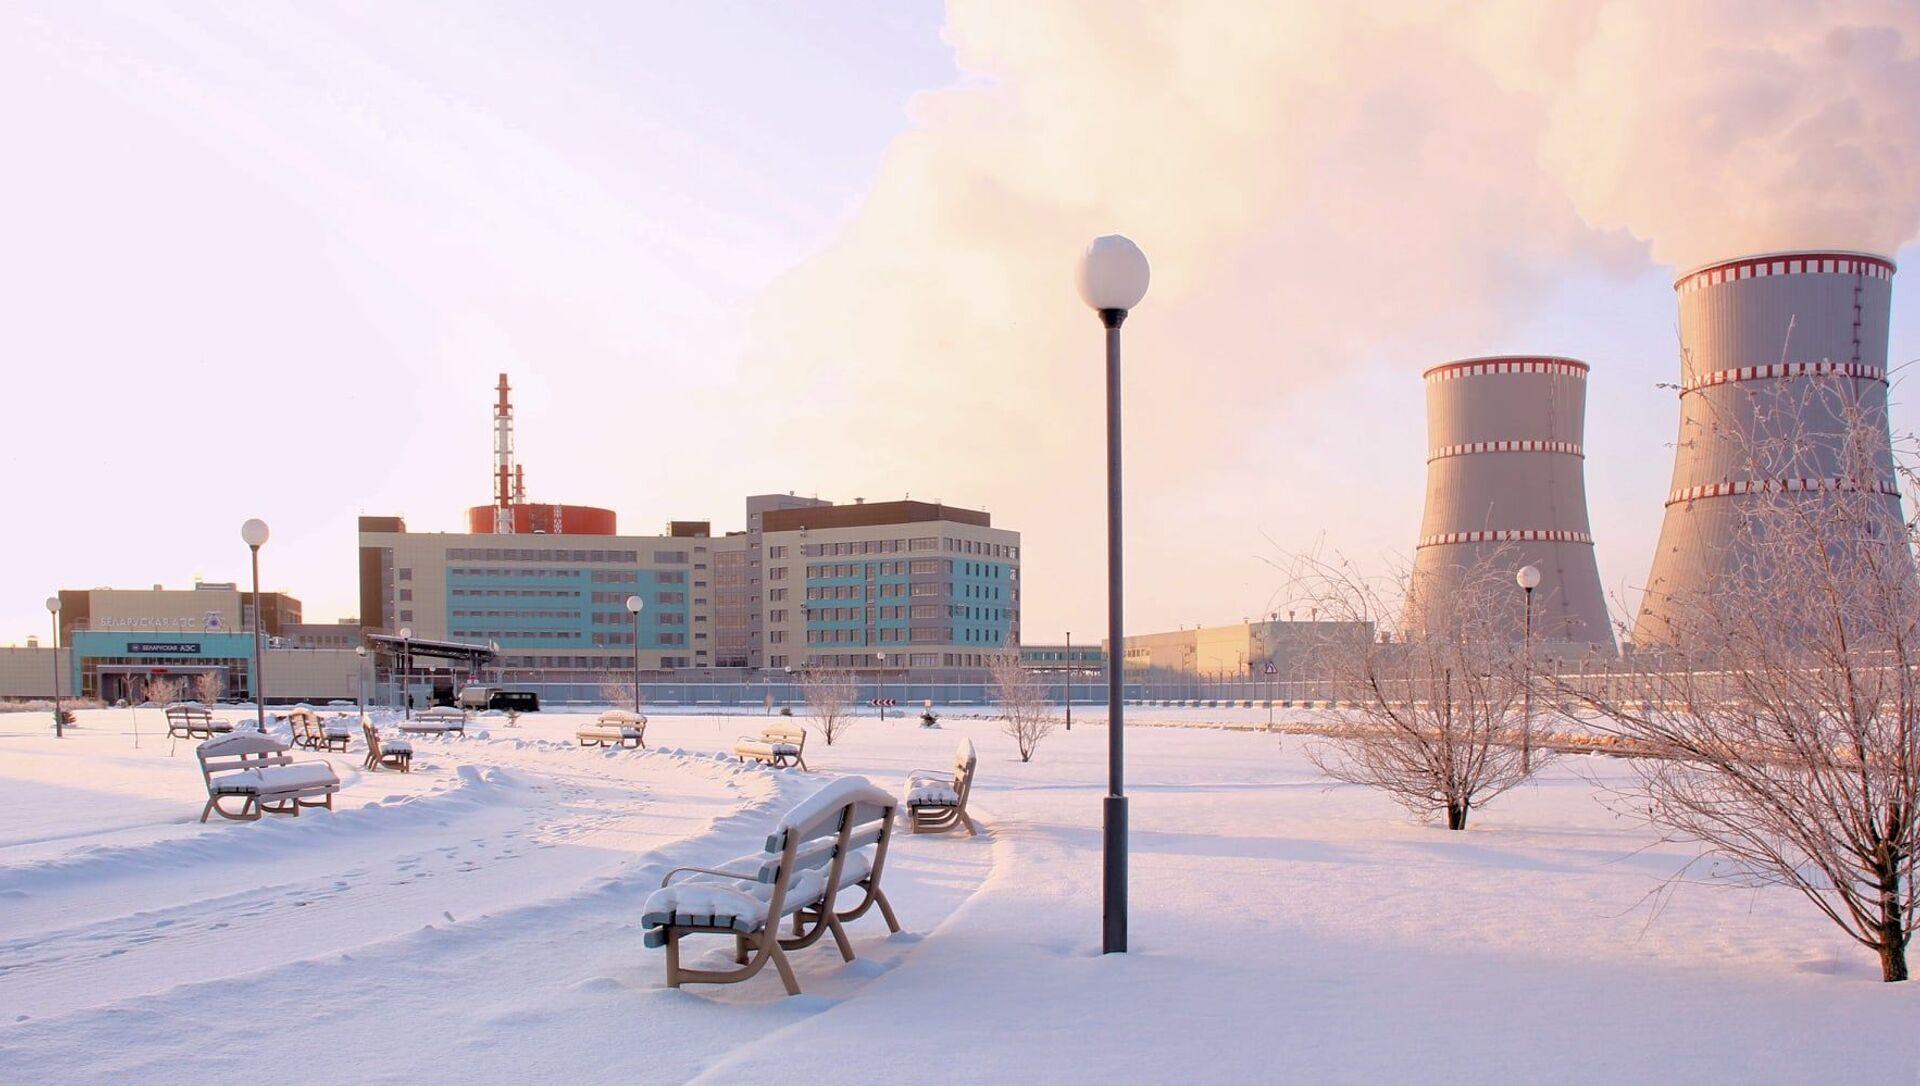 Белорусская АЭС зимой - Sputnik Беларусь, 1920, 05.02.2021